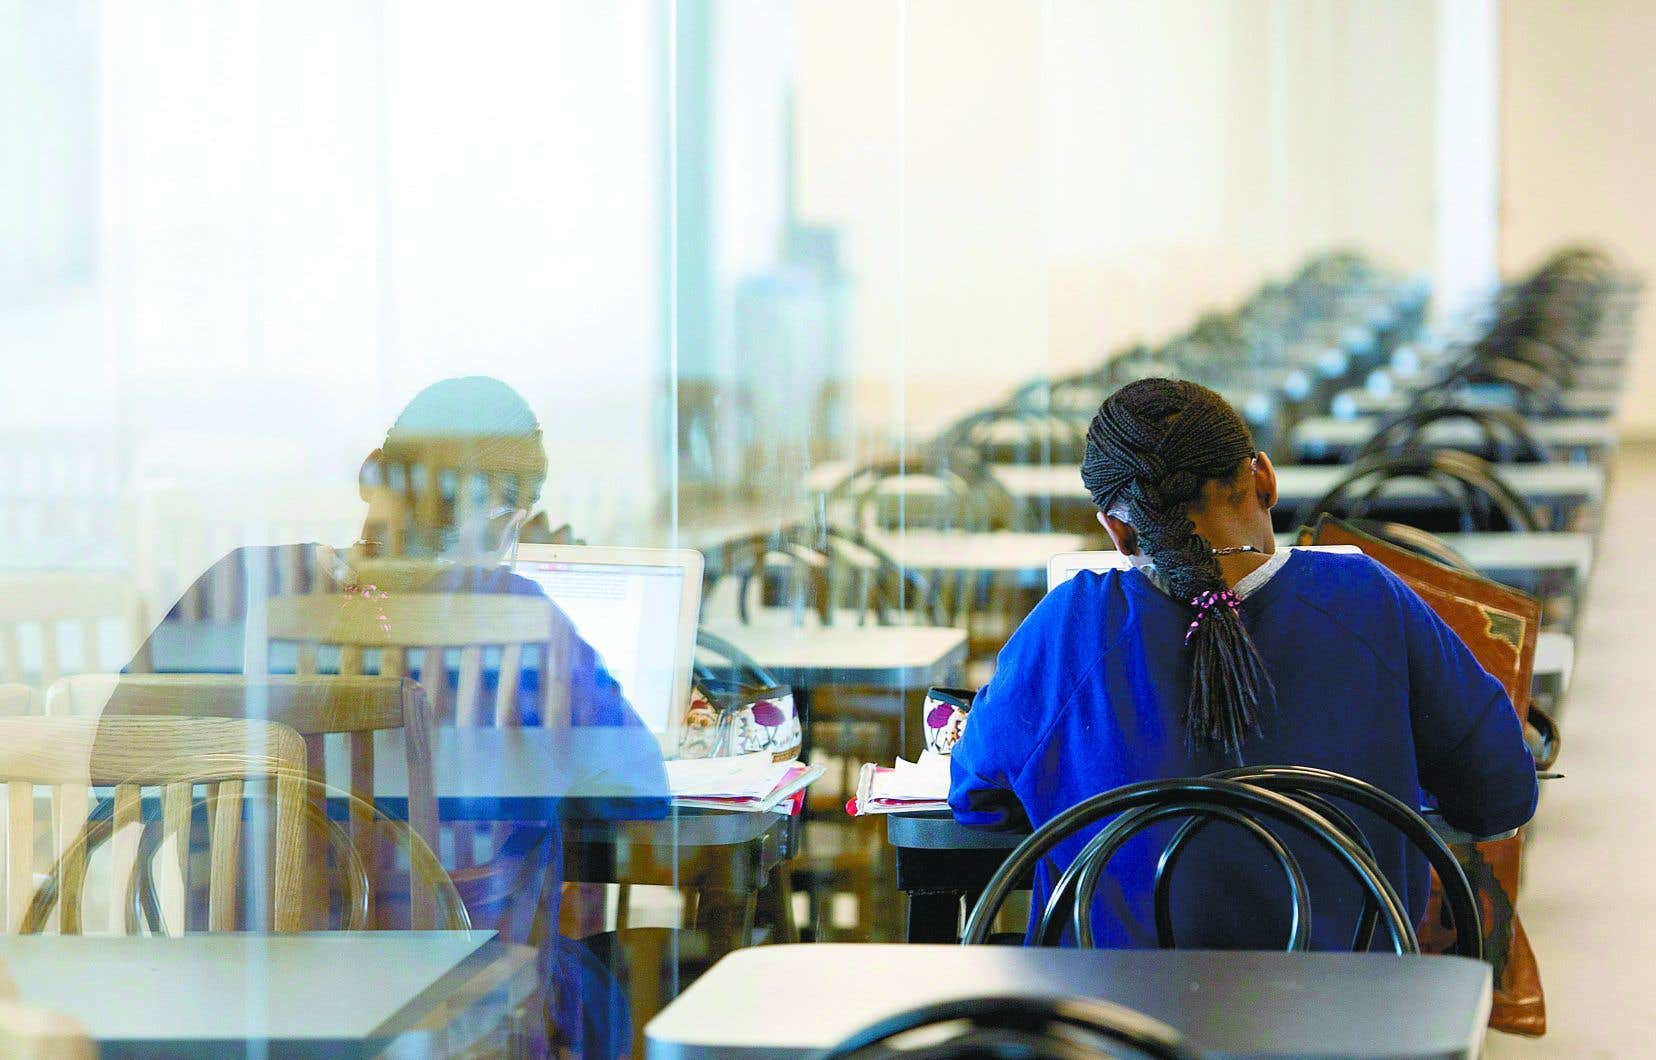 La présidente de la Fédération étudiante collégiale du Québec a reproché aux administrations collégiales de se contenter de remplir leurs obligations légales, sans plus.